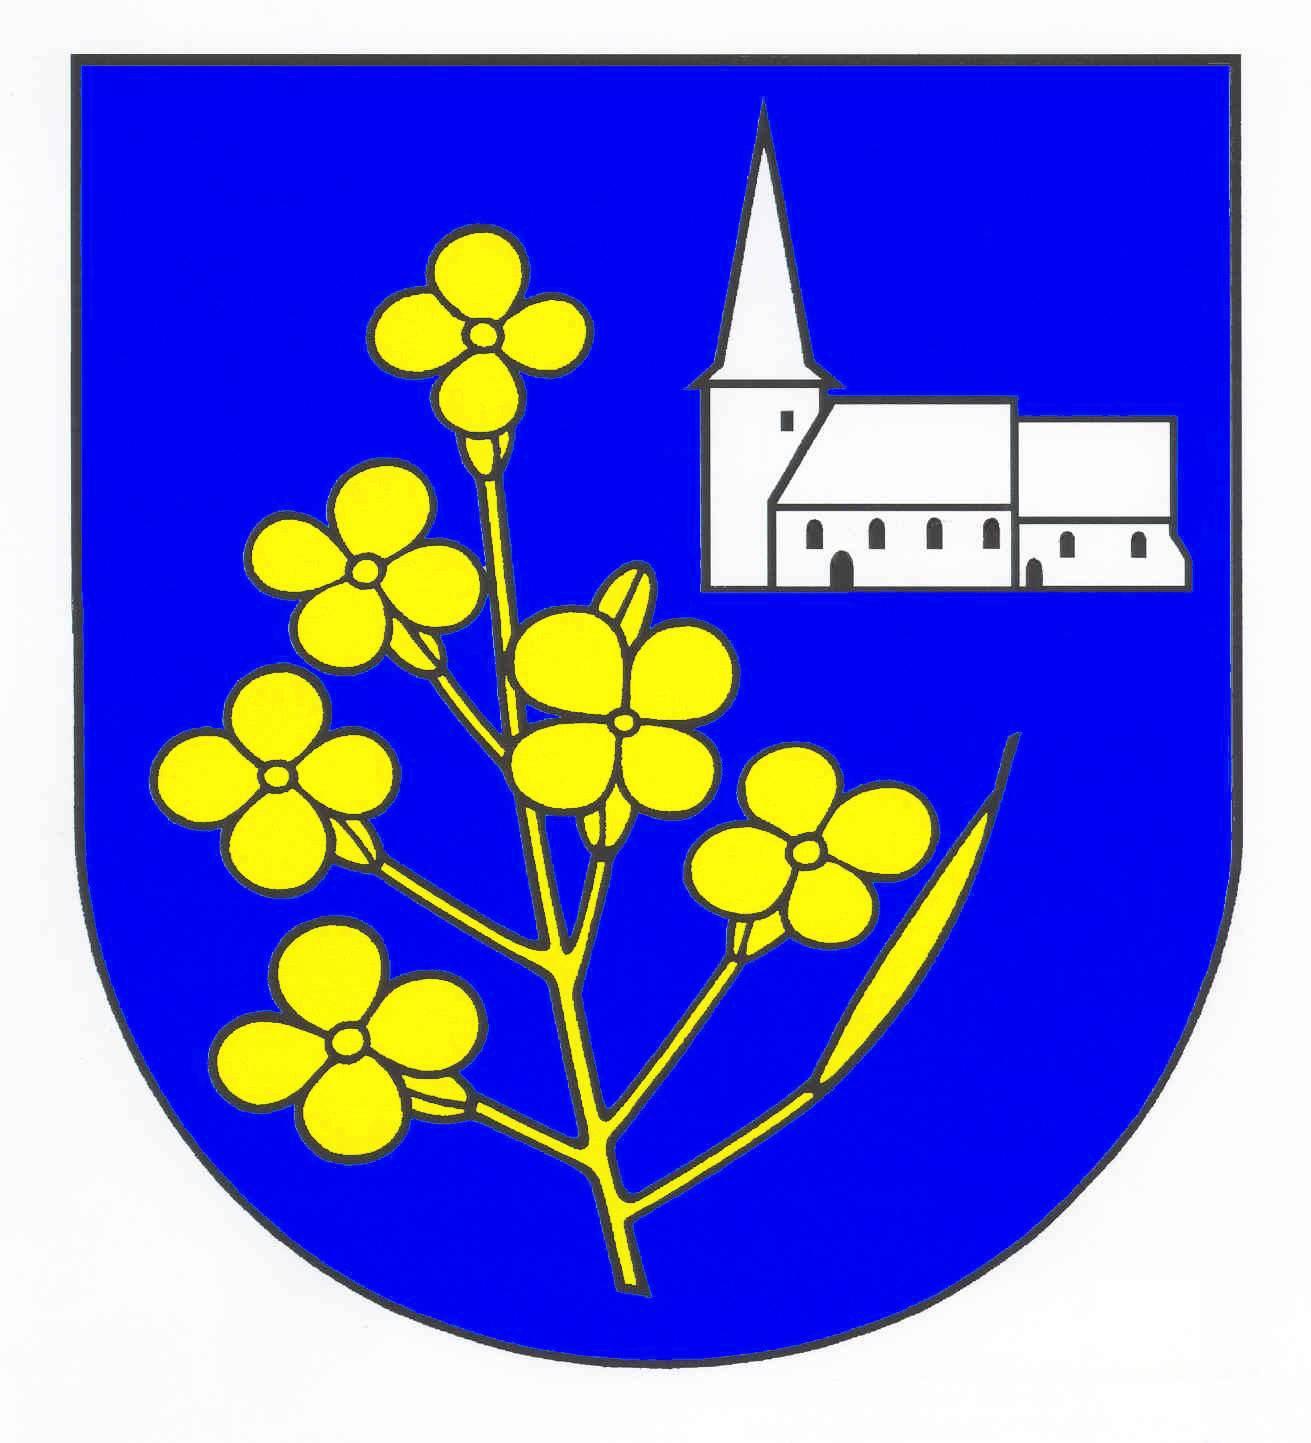 Wappen GemeindePronstorf, Kreis Segeberg